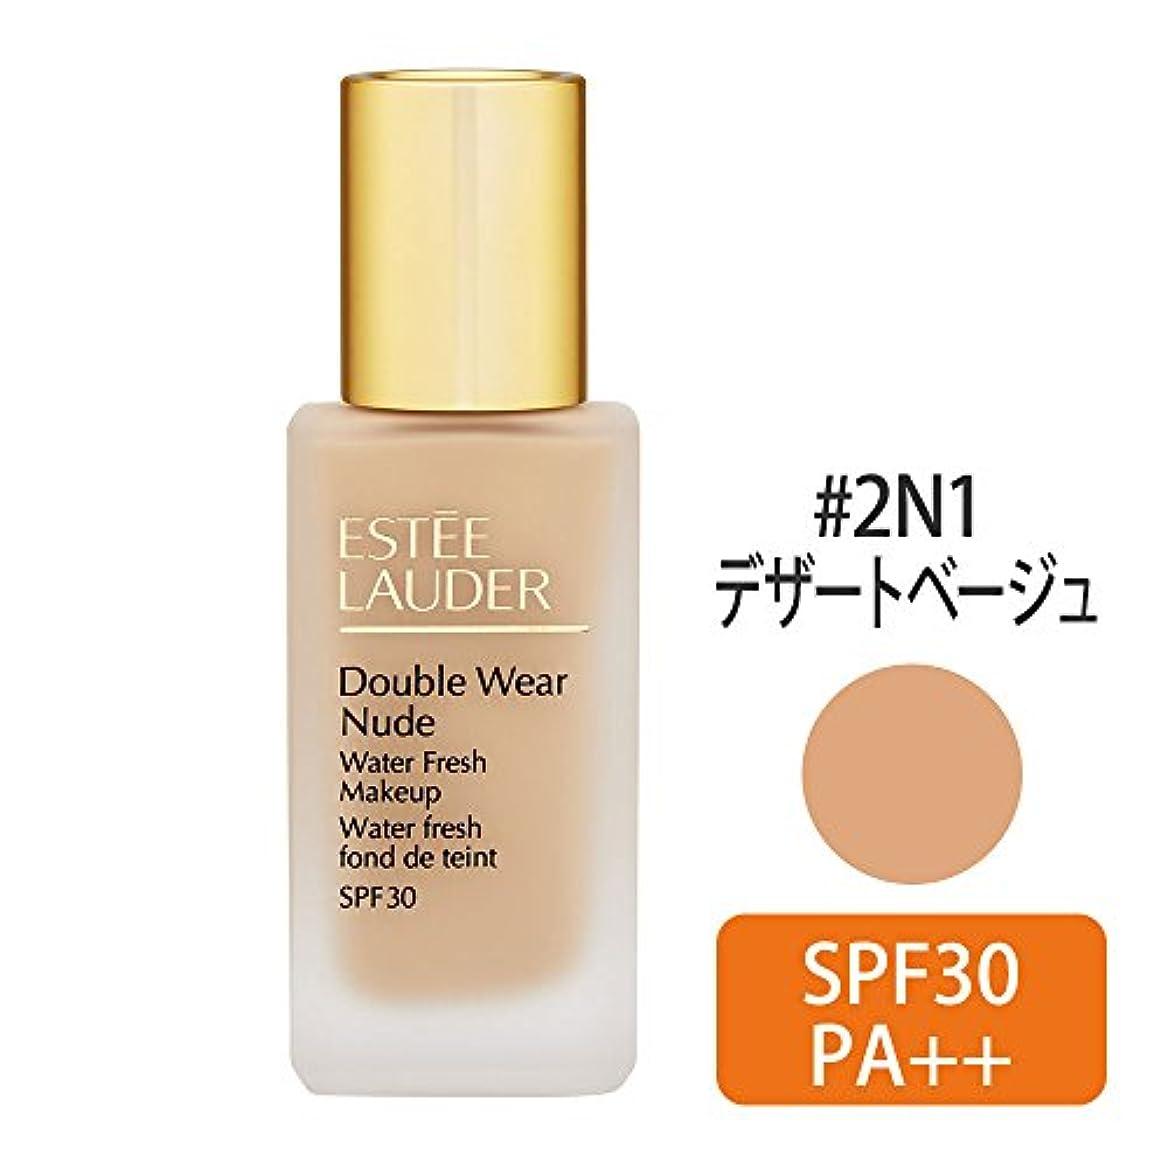 エスティローダー(Estee Lauder) ダブルウェア ヌードウォーター フレッシュ メイクアップ SPF30/PA++ #2N1(デザートベージュ) [並行輸入品]